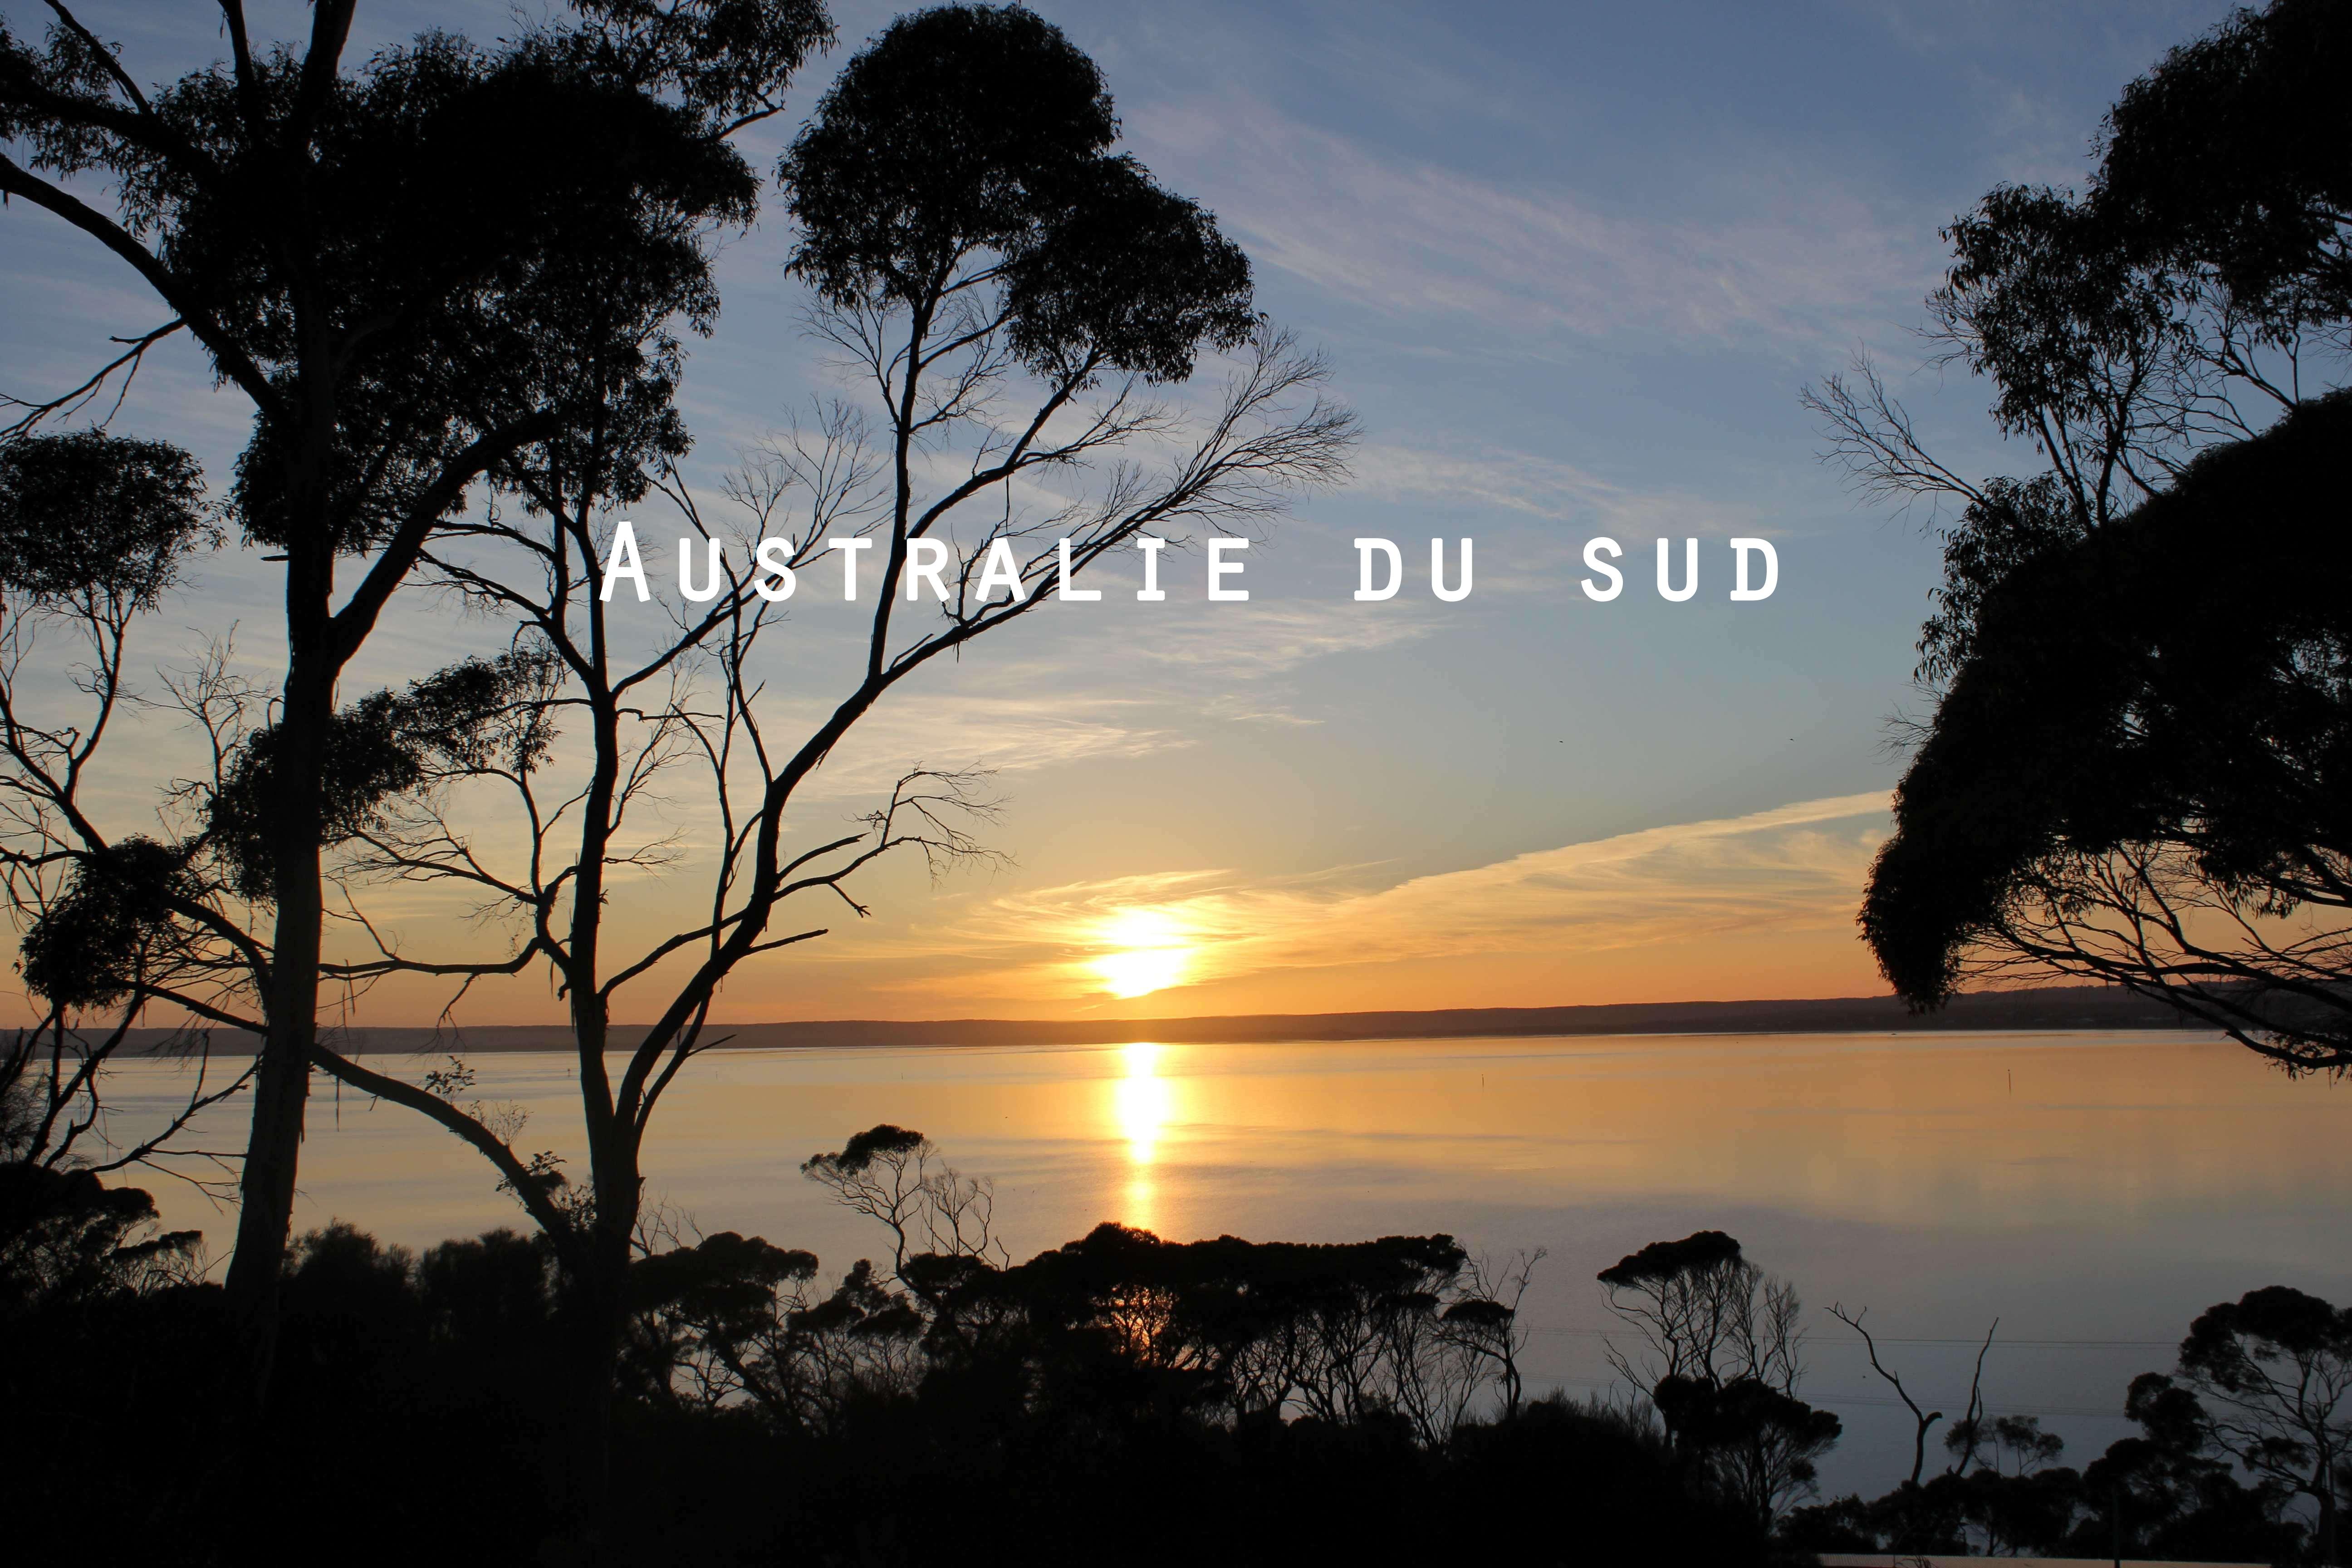 L'Australie du Sud : d'Adélaïde à Kangaroo Island en passant par l'outback